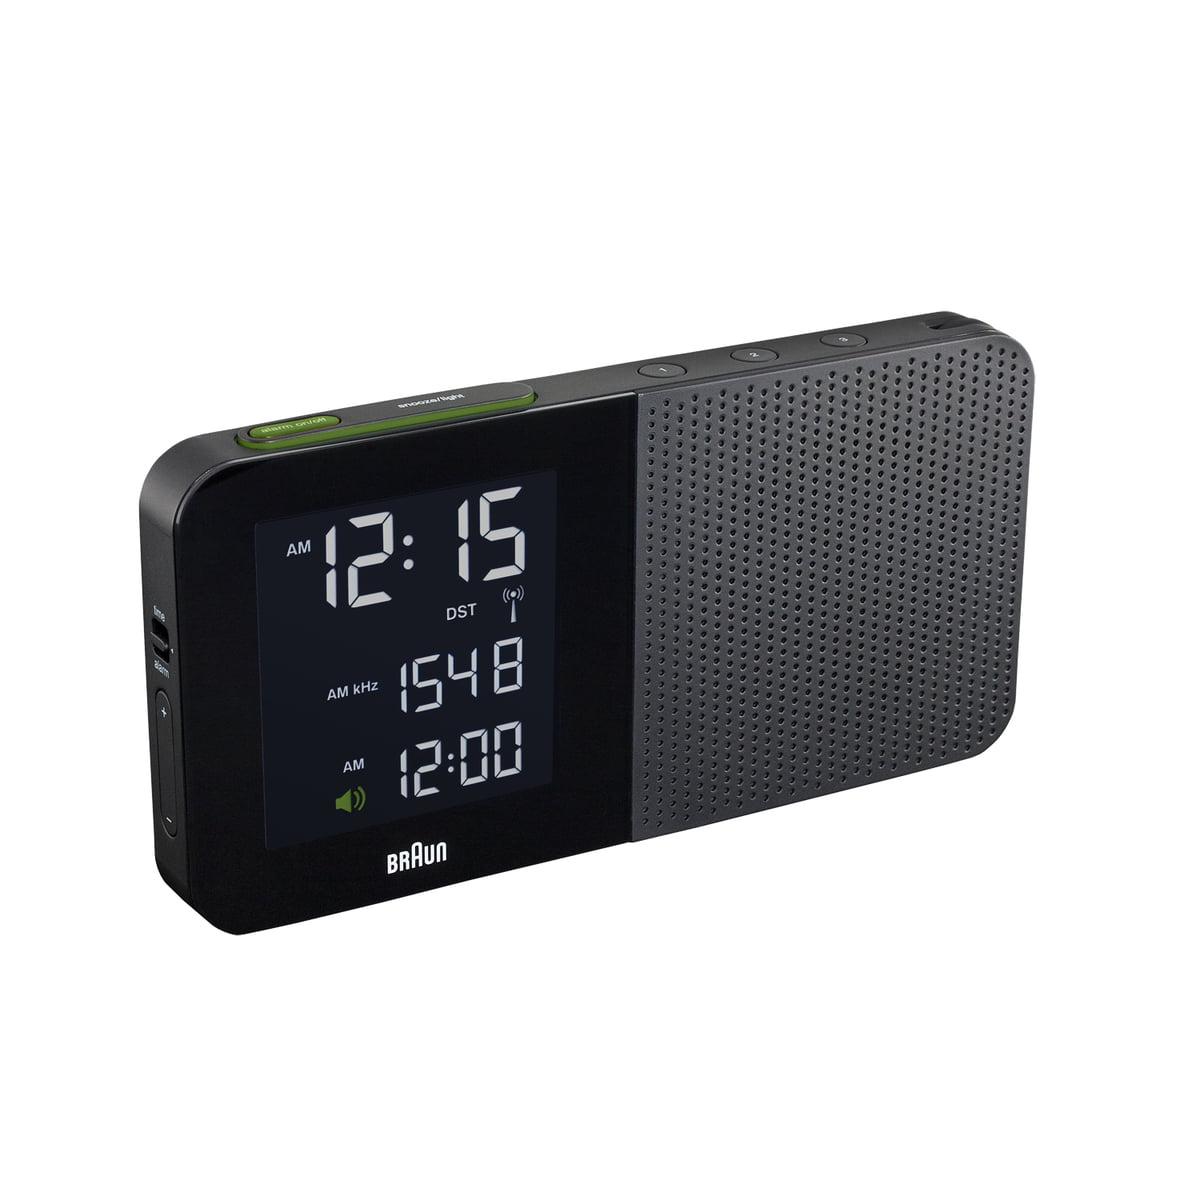 Braun - Digitaler Radiowecker BNC010, schwarz   Dekoration > Uhren > Wecker   Schwarz   Kunststoffgehäuse   Braun